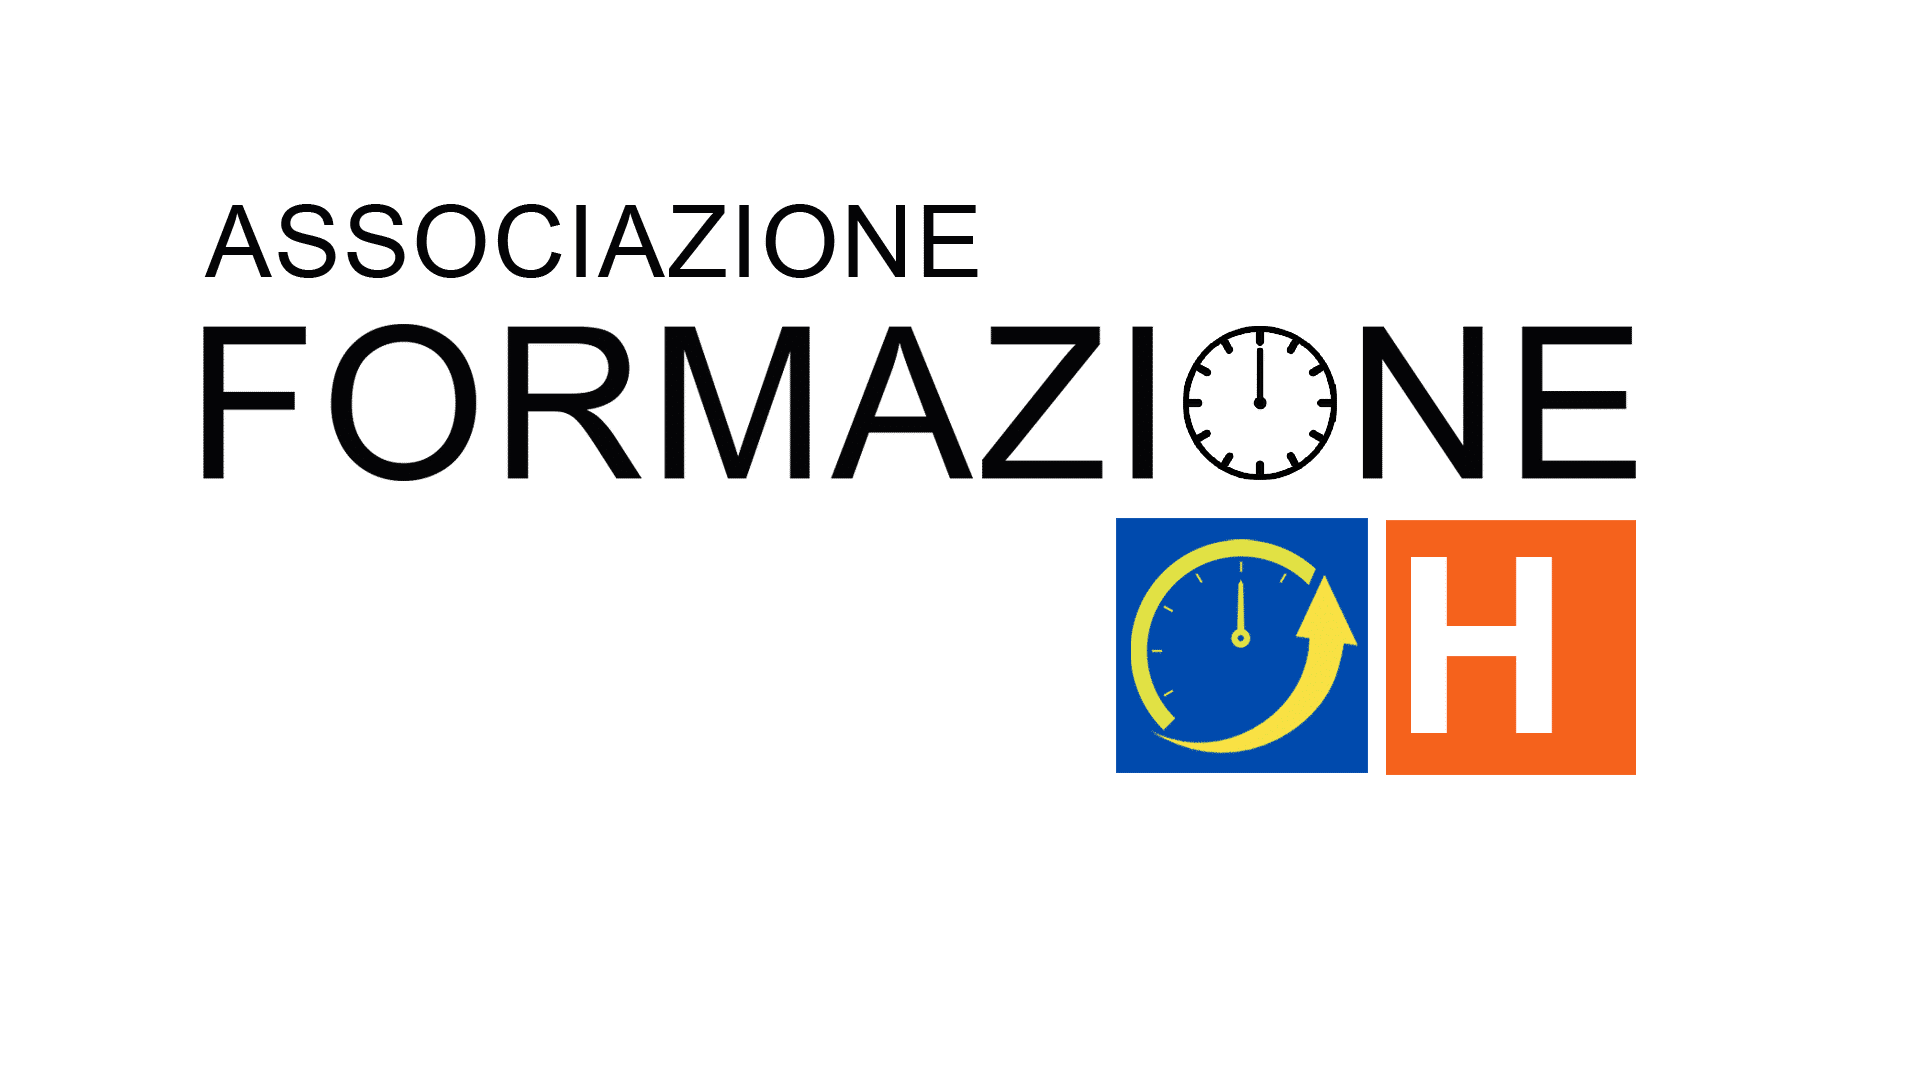 LOGO FORMAZIONE 24H